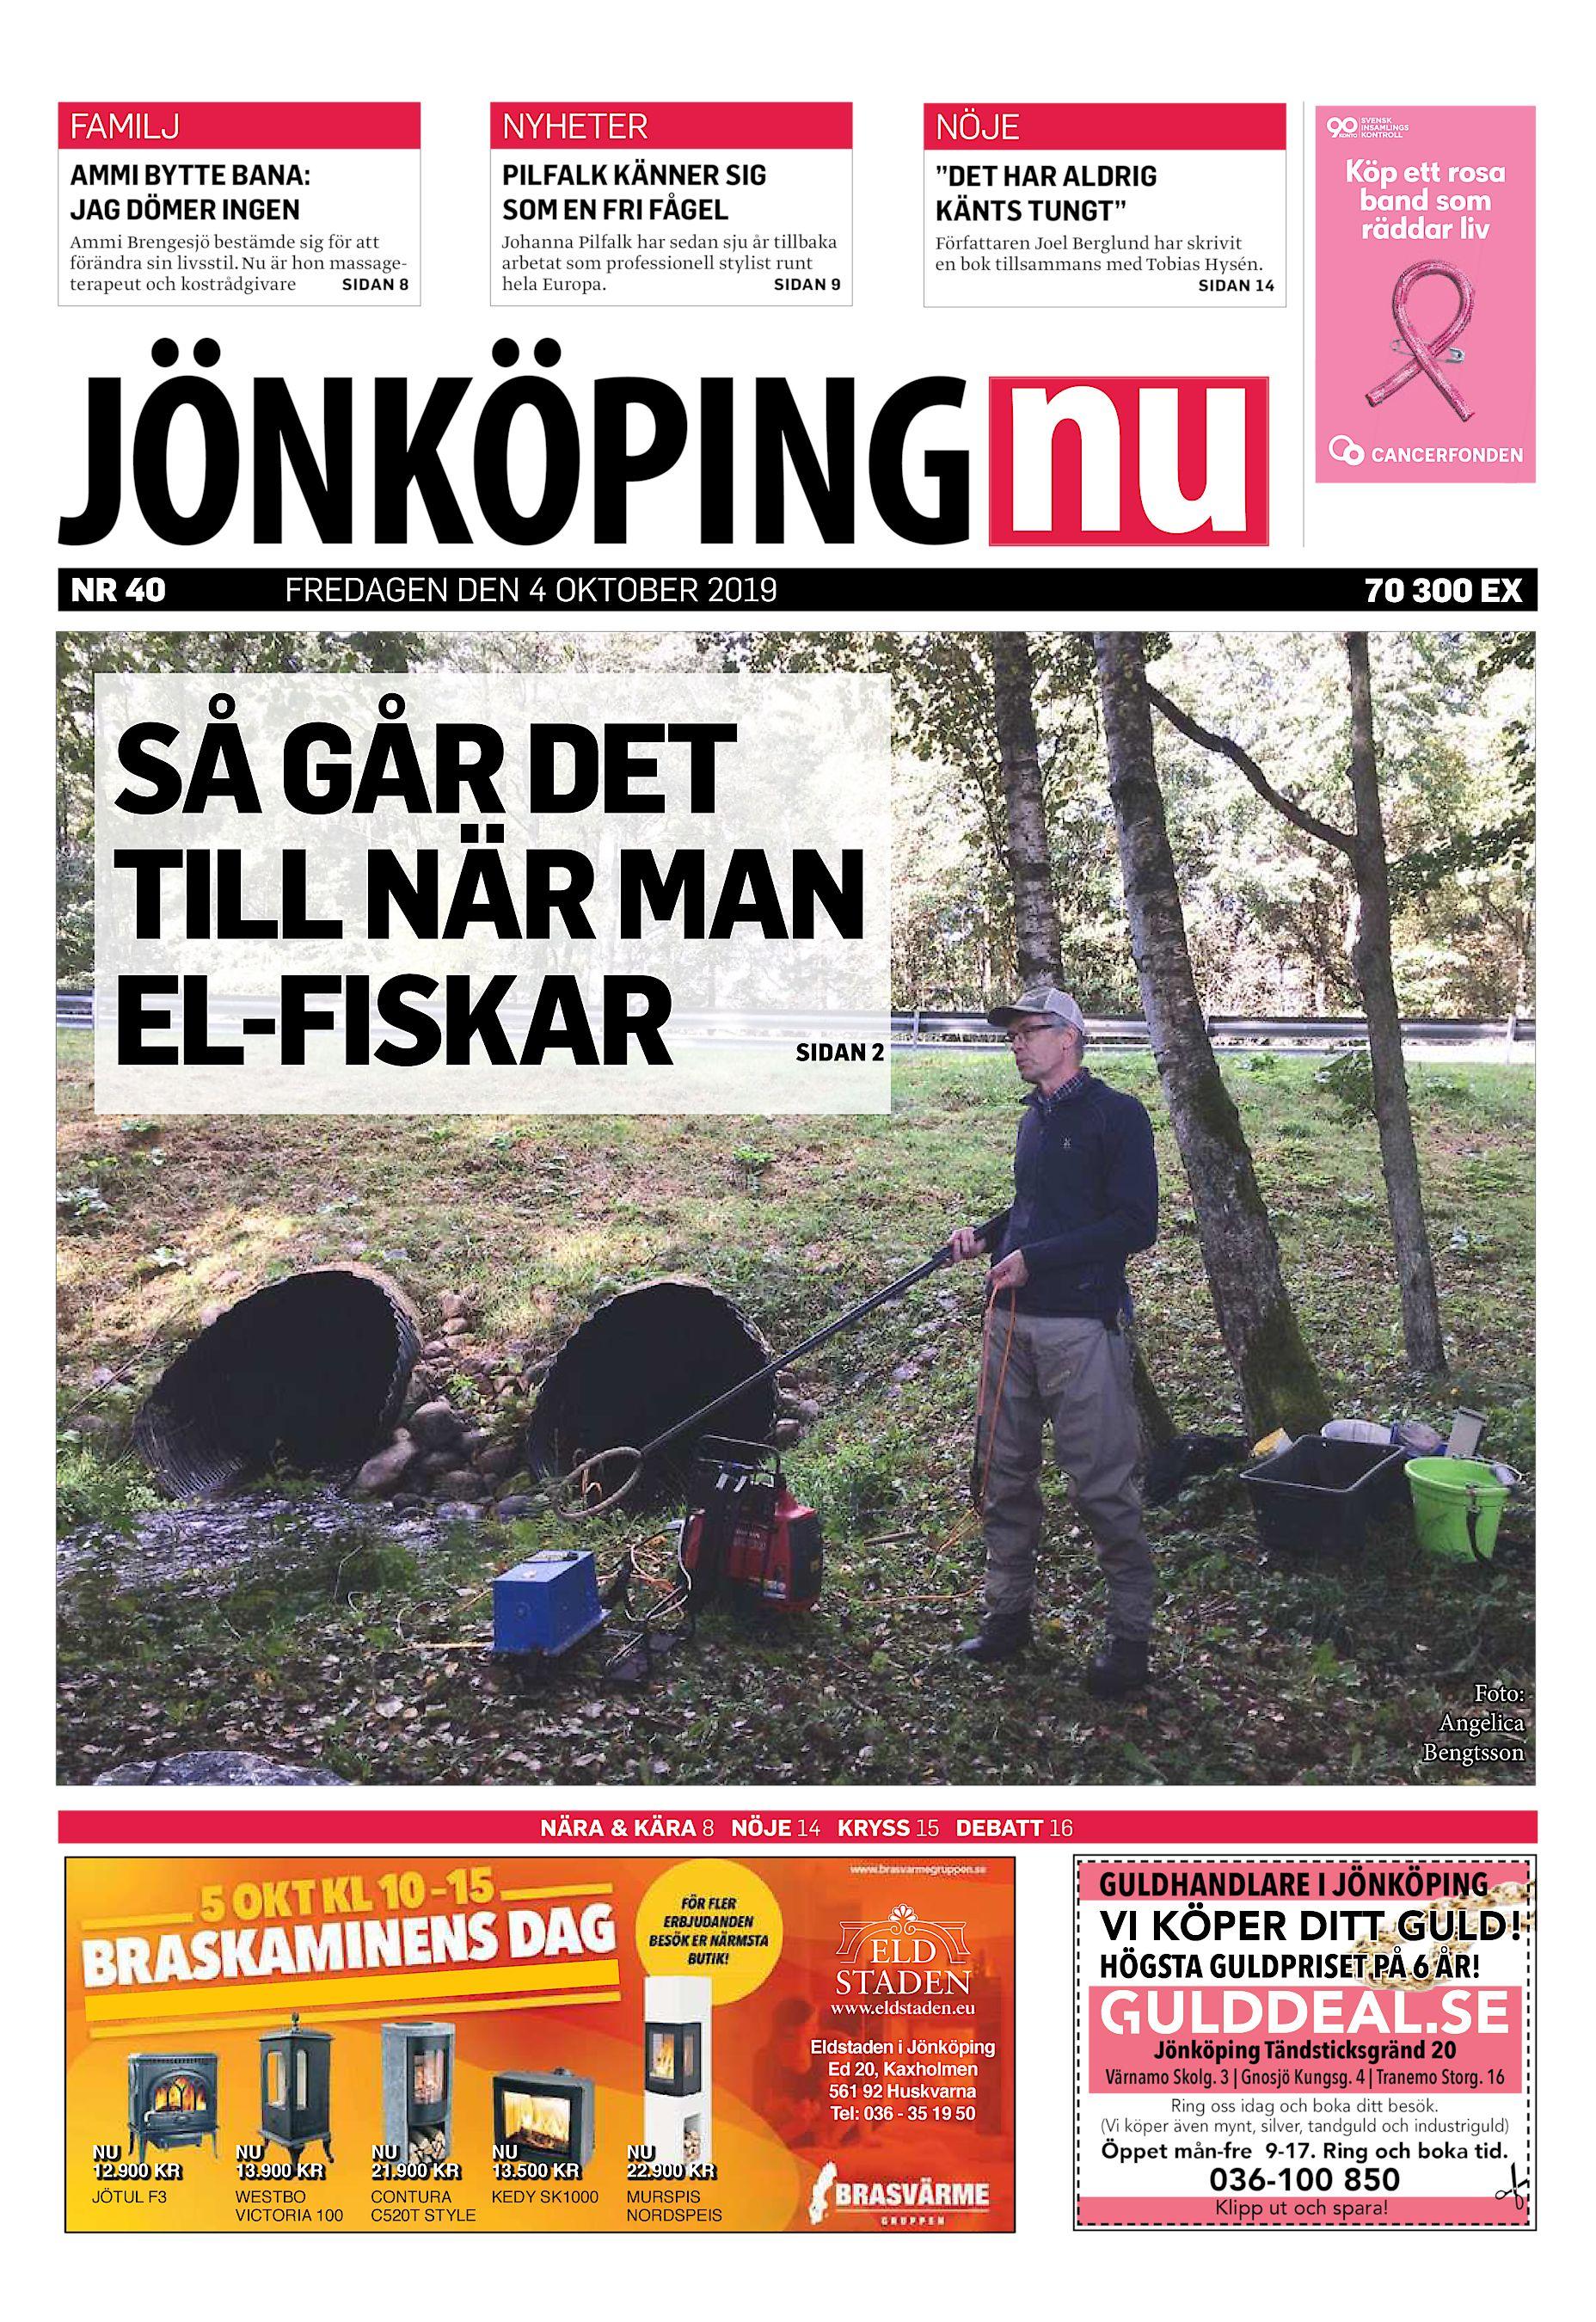 Eric Gidemar, Ringvgen 8, Huskvarna | omr-scanner.net